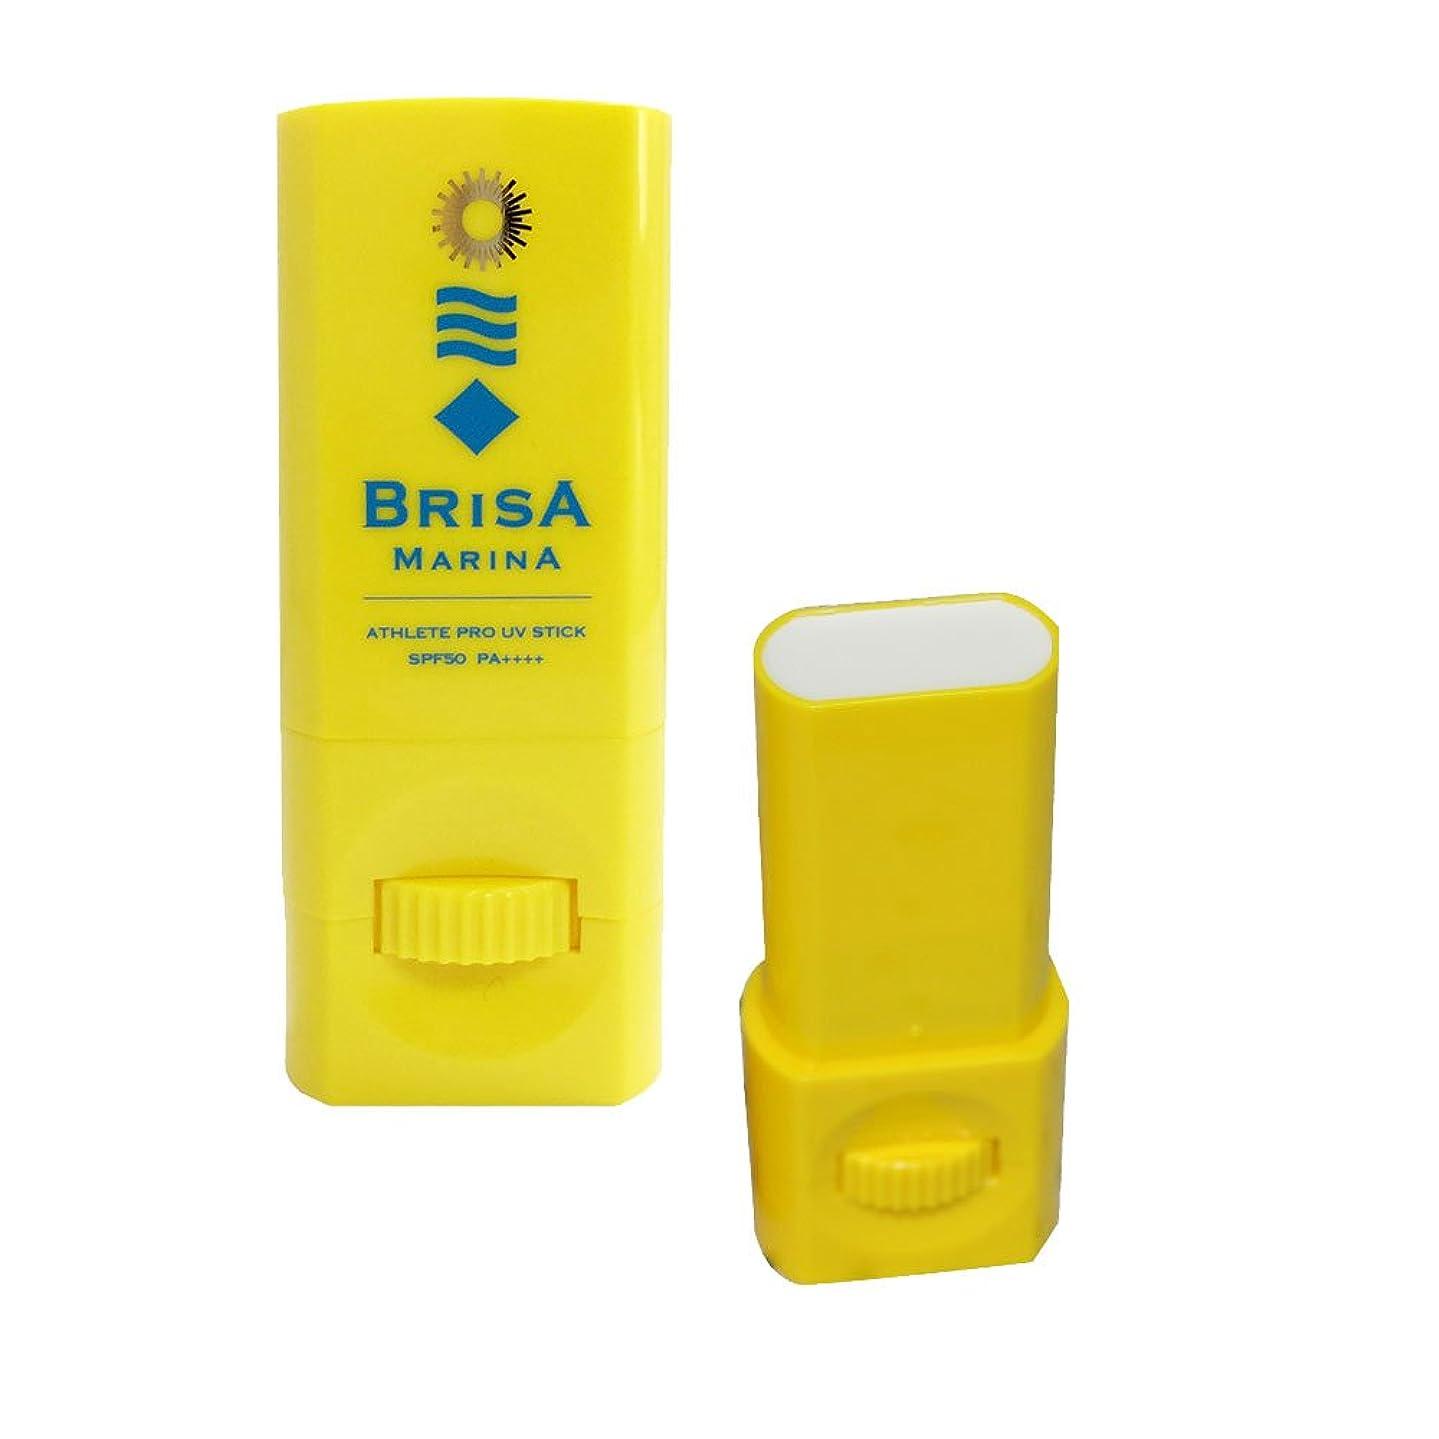 リファインドループ牛BRISA MARINA(ブリサ マリーナ) 日焼け止めUVスティック(ホワイト) 10g [SPF50 PA++++] Z-0CBM0016010 バリエーション不要